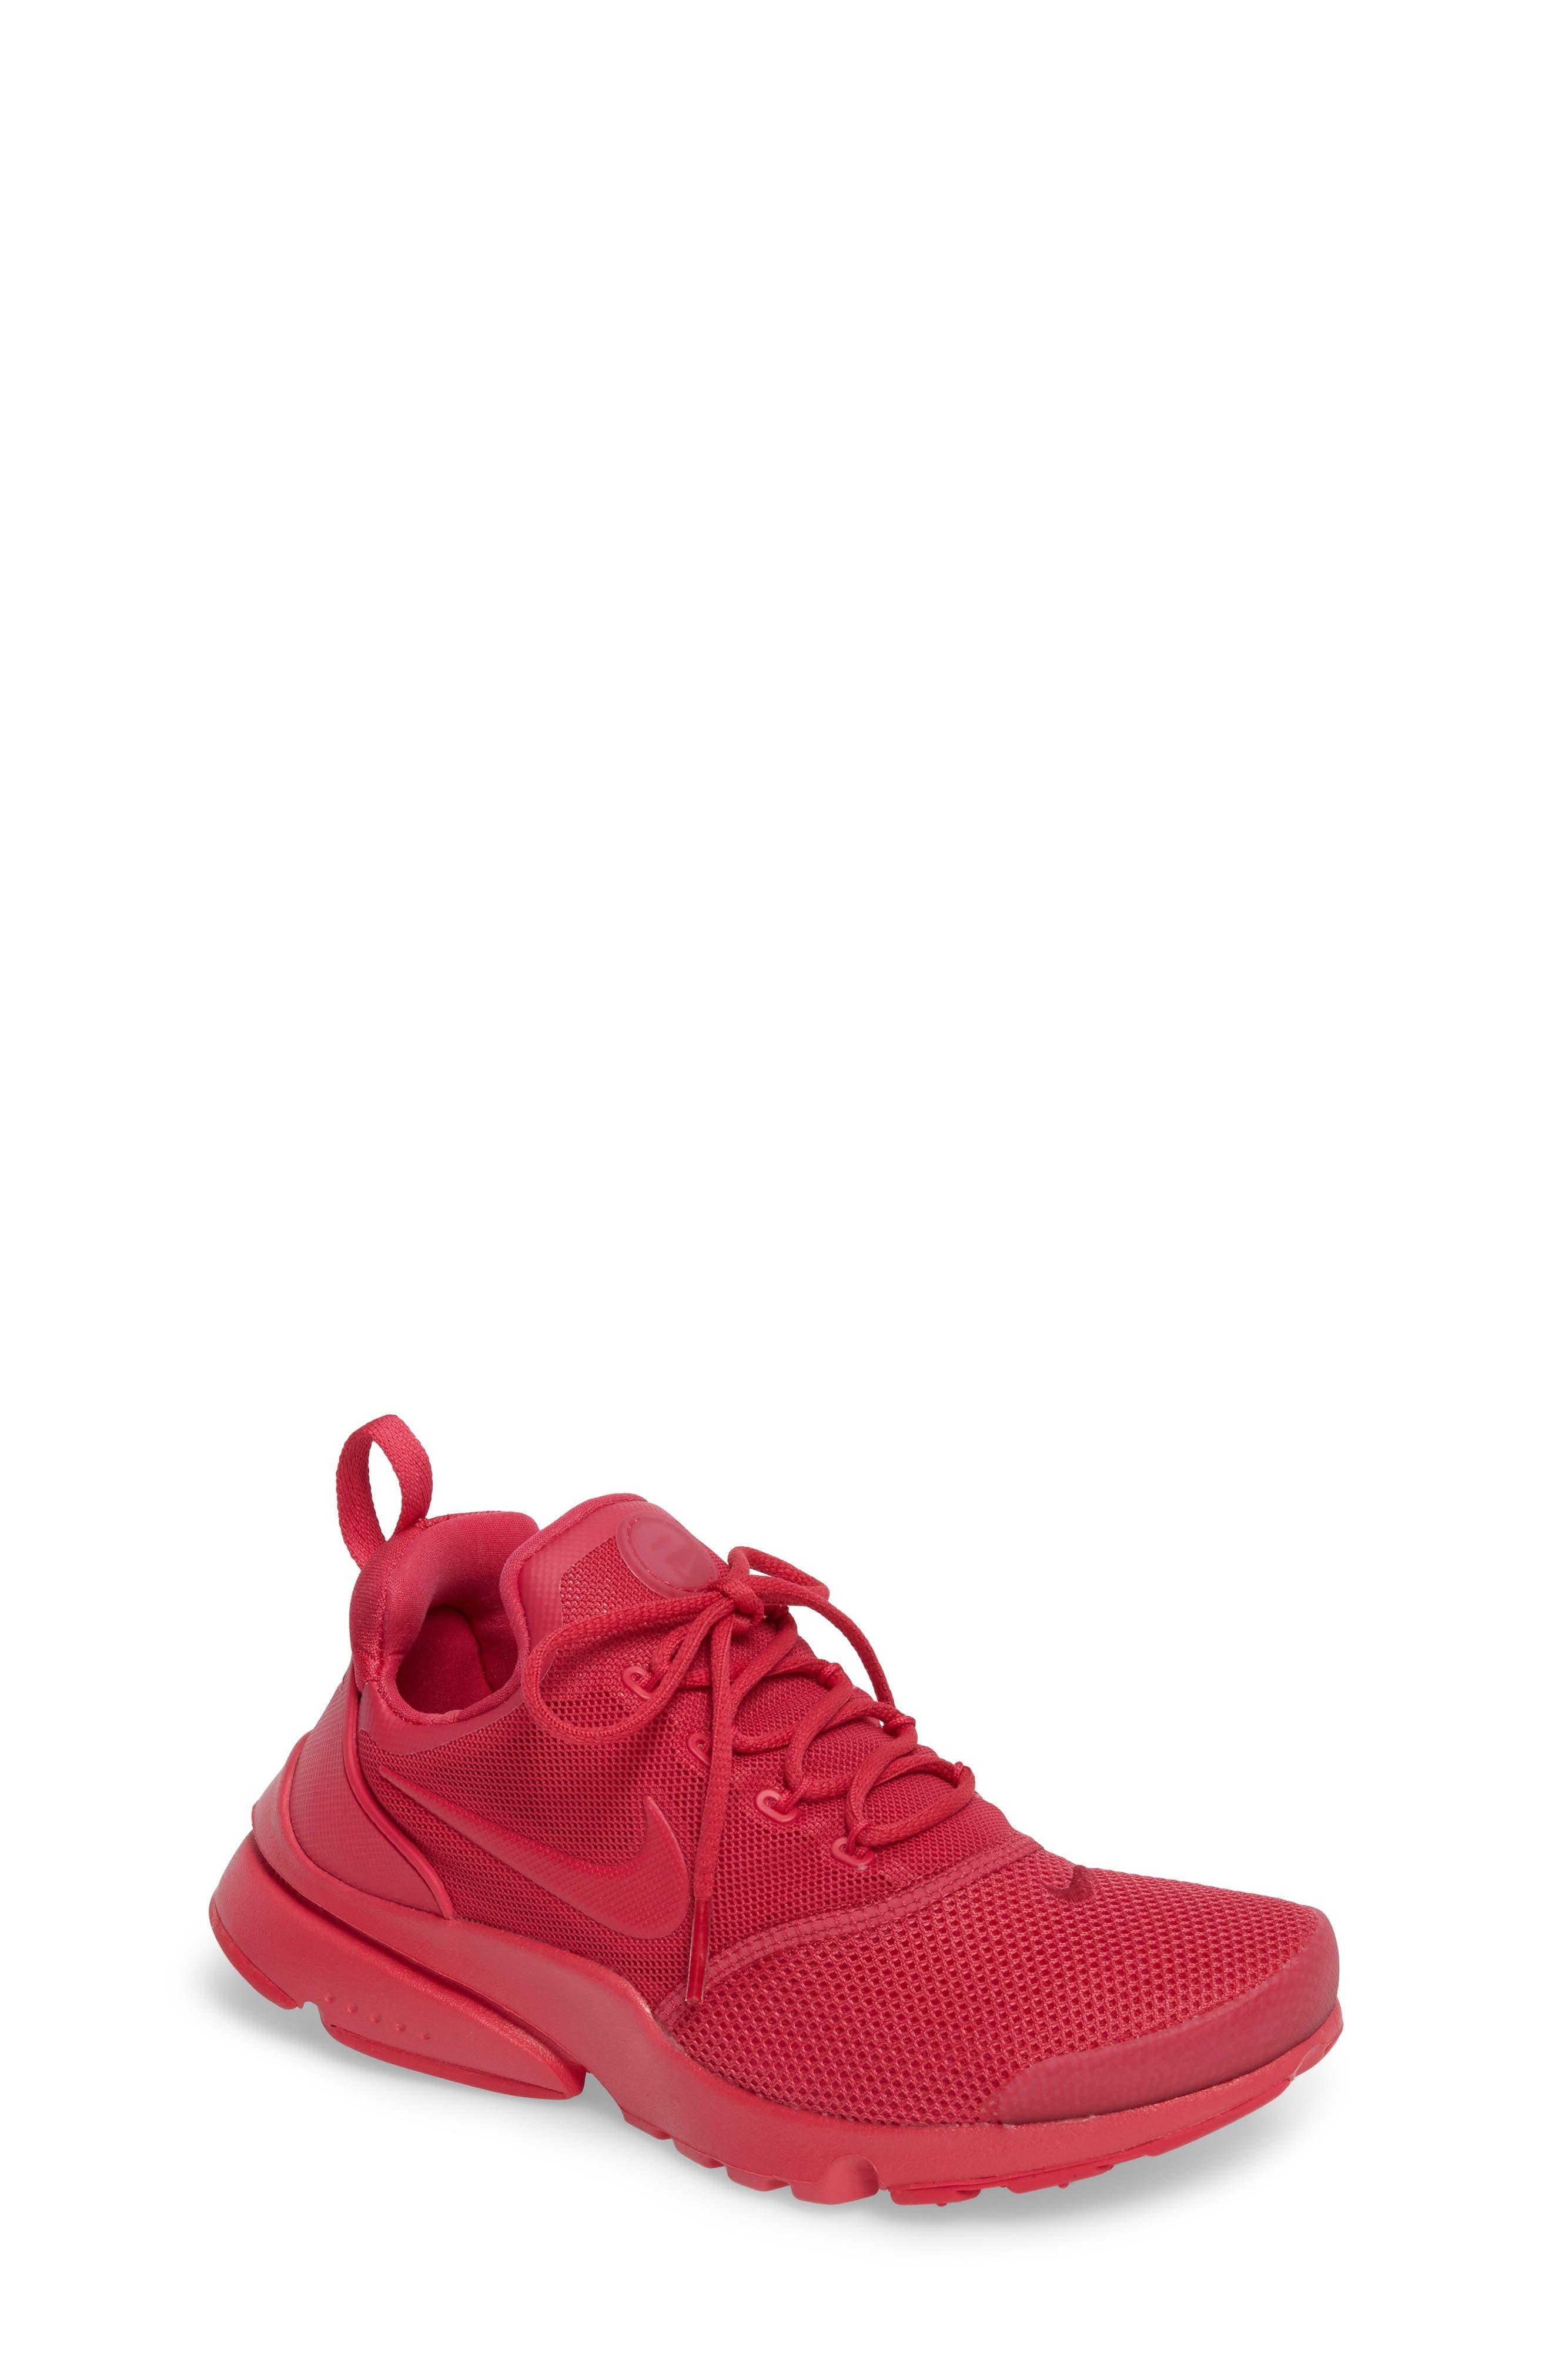 Nike Presto Fly GS Sneaker (Big Kid)